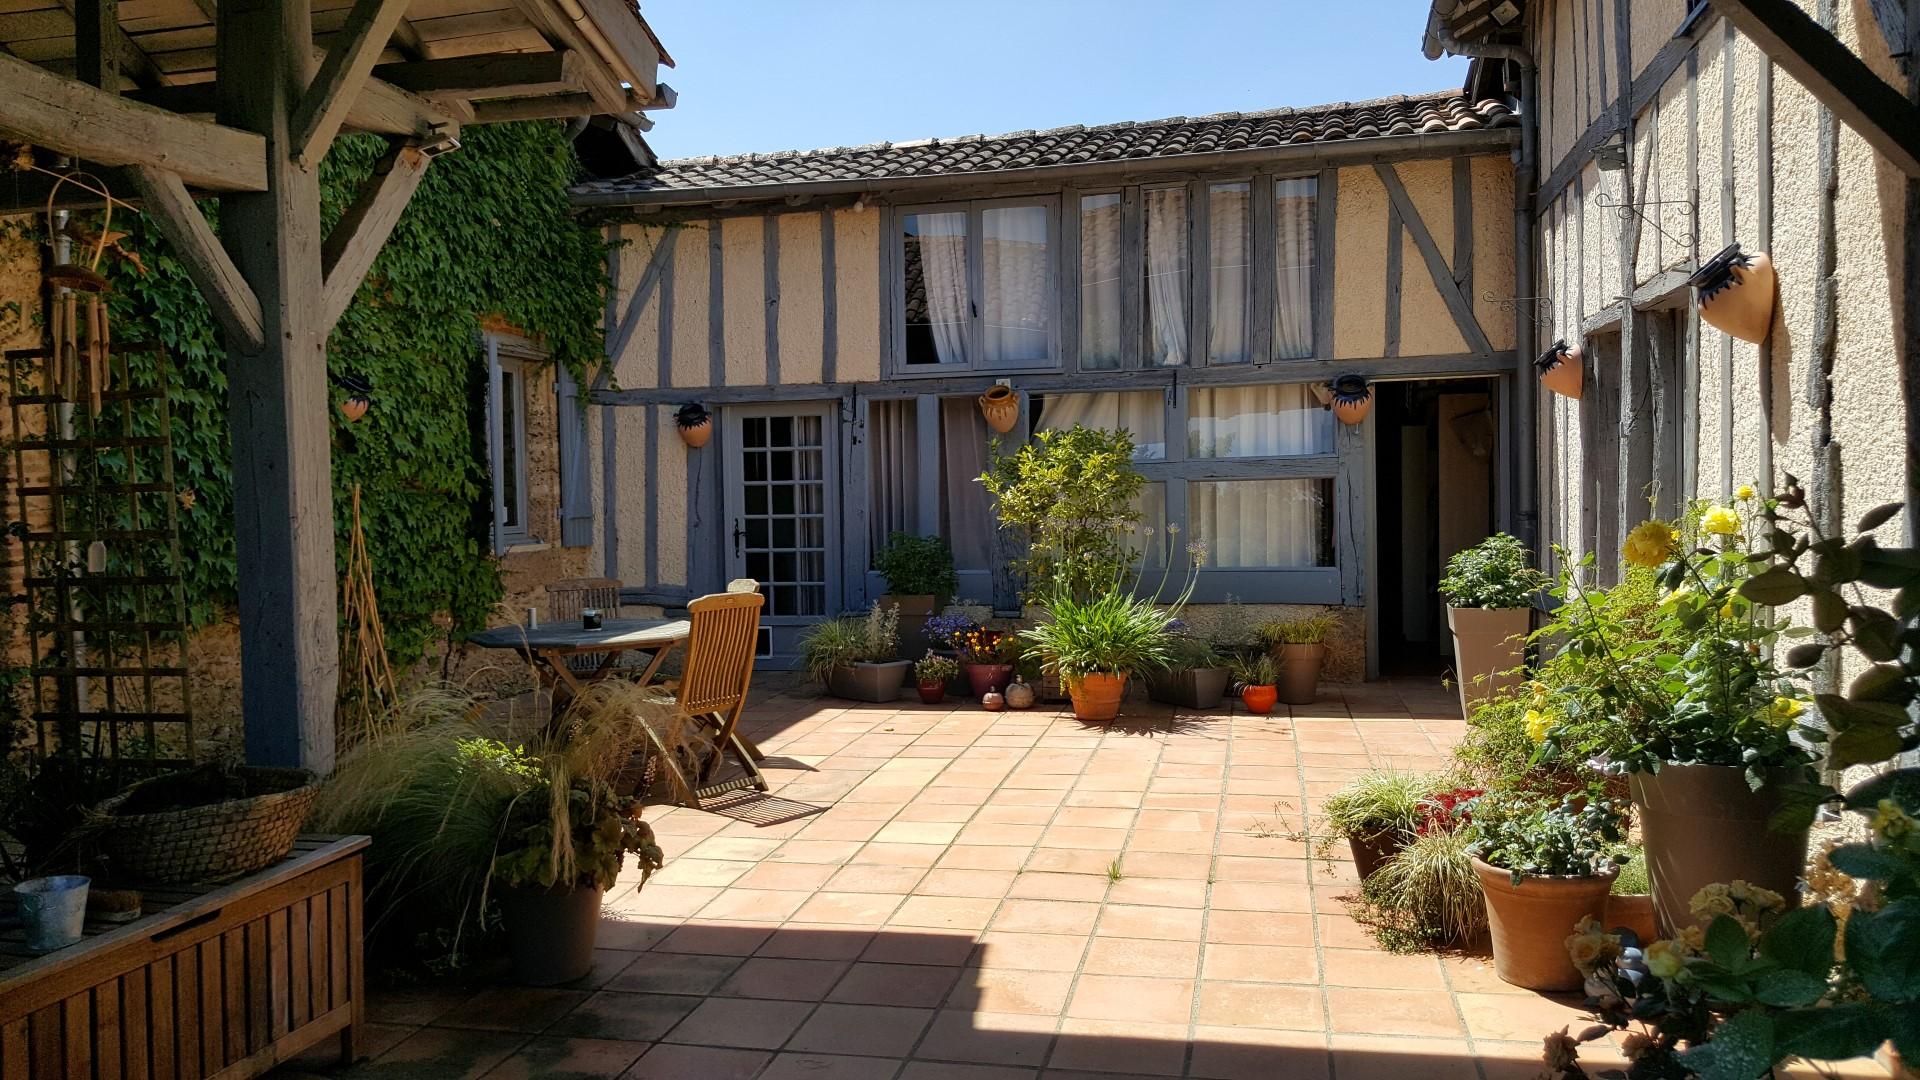 Terrasse ensoleillé dans une maison d'hôtes dans le gers